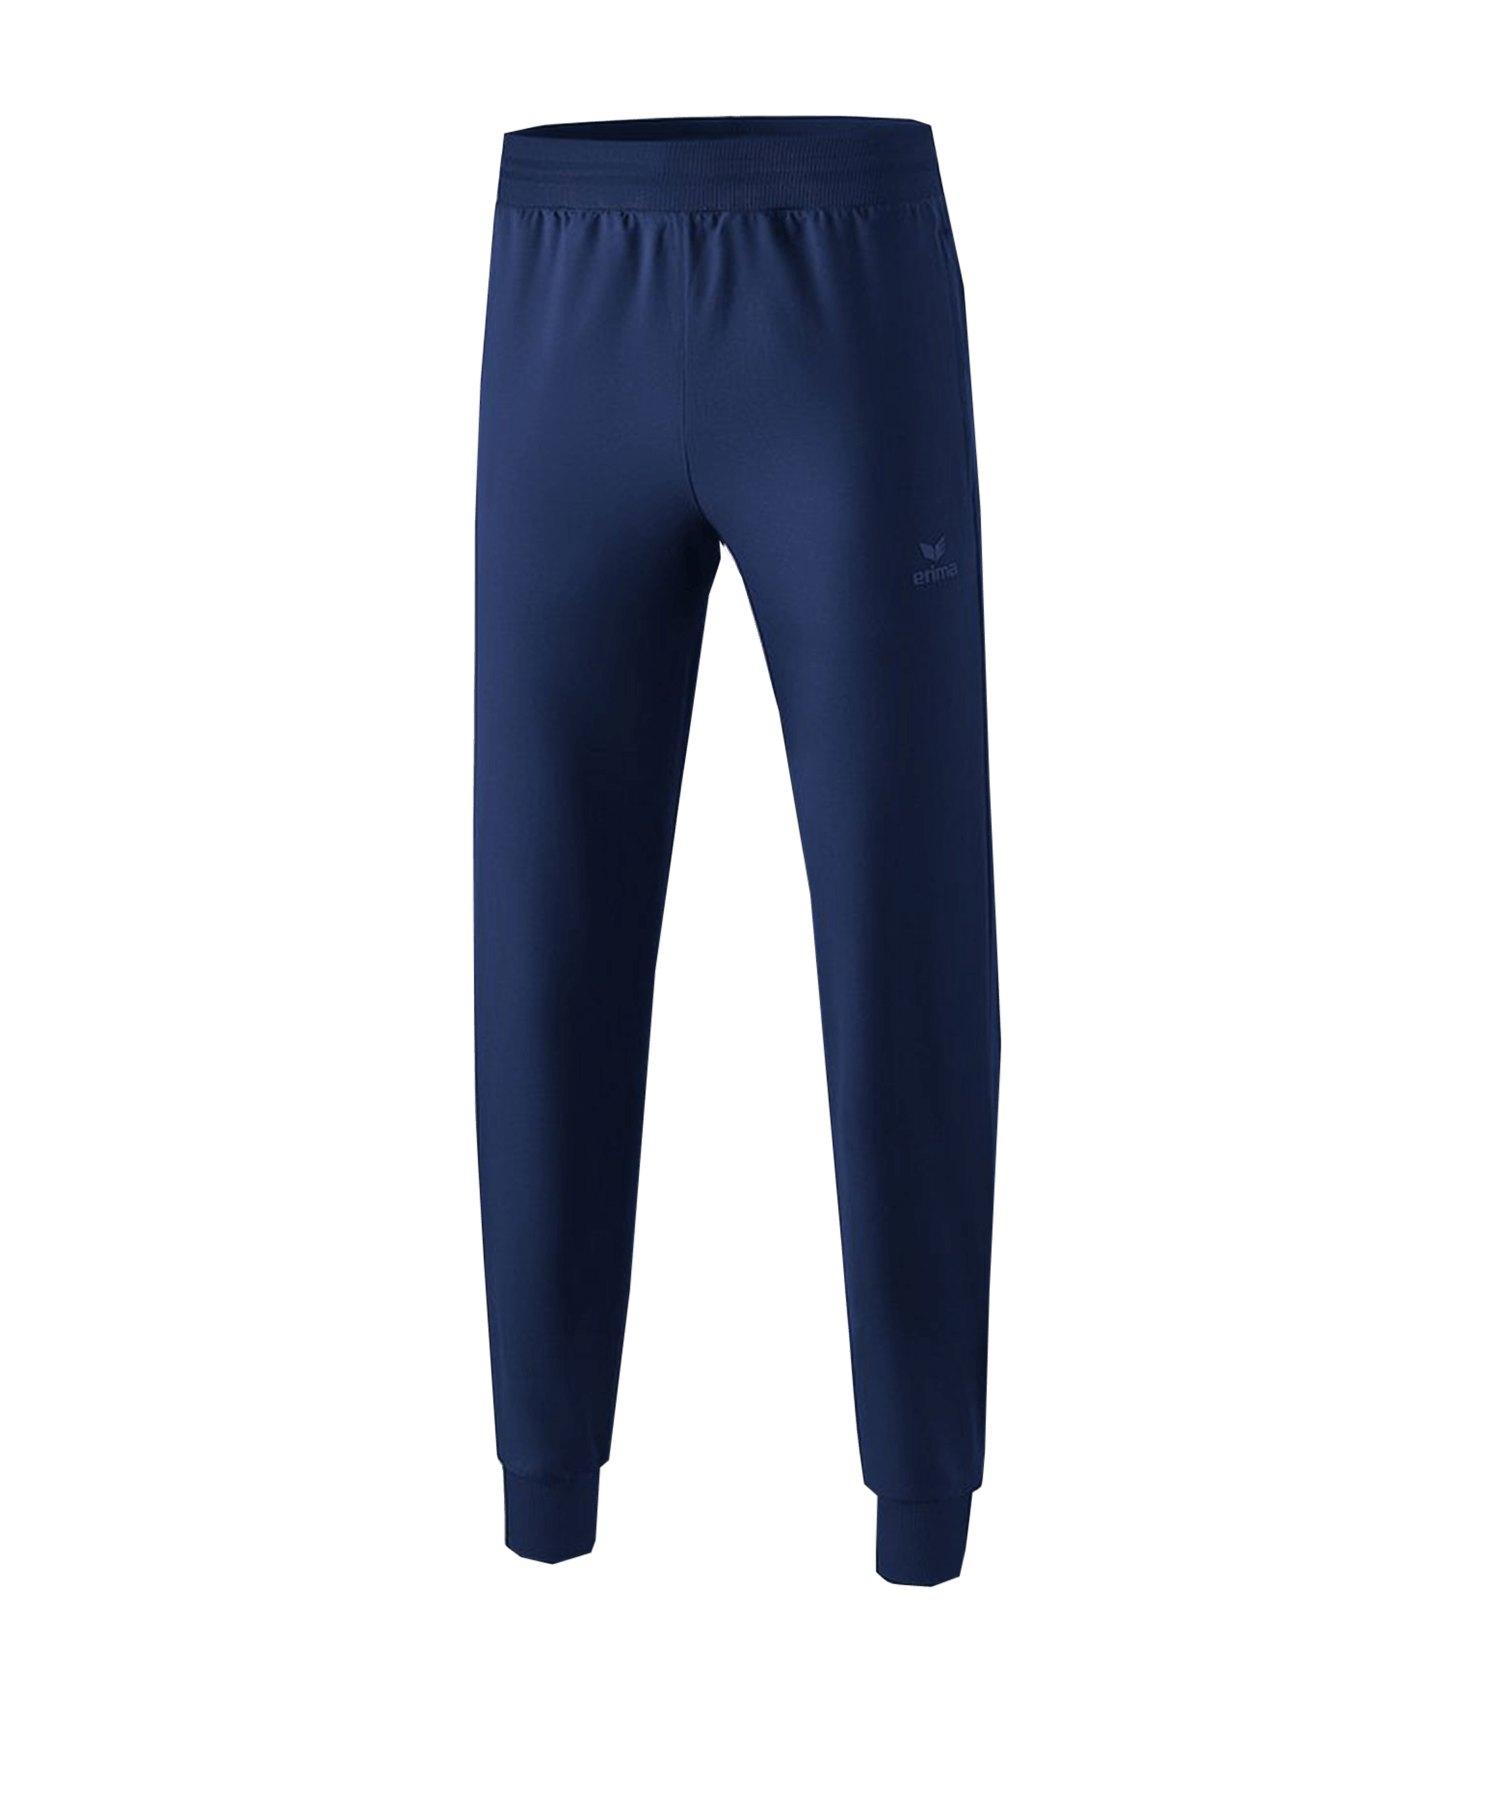 Erima Pant Präsentationshose Blau - blau